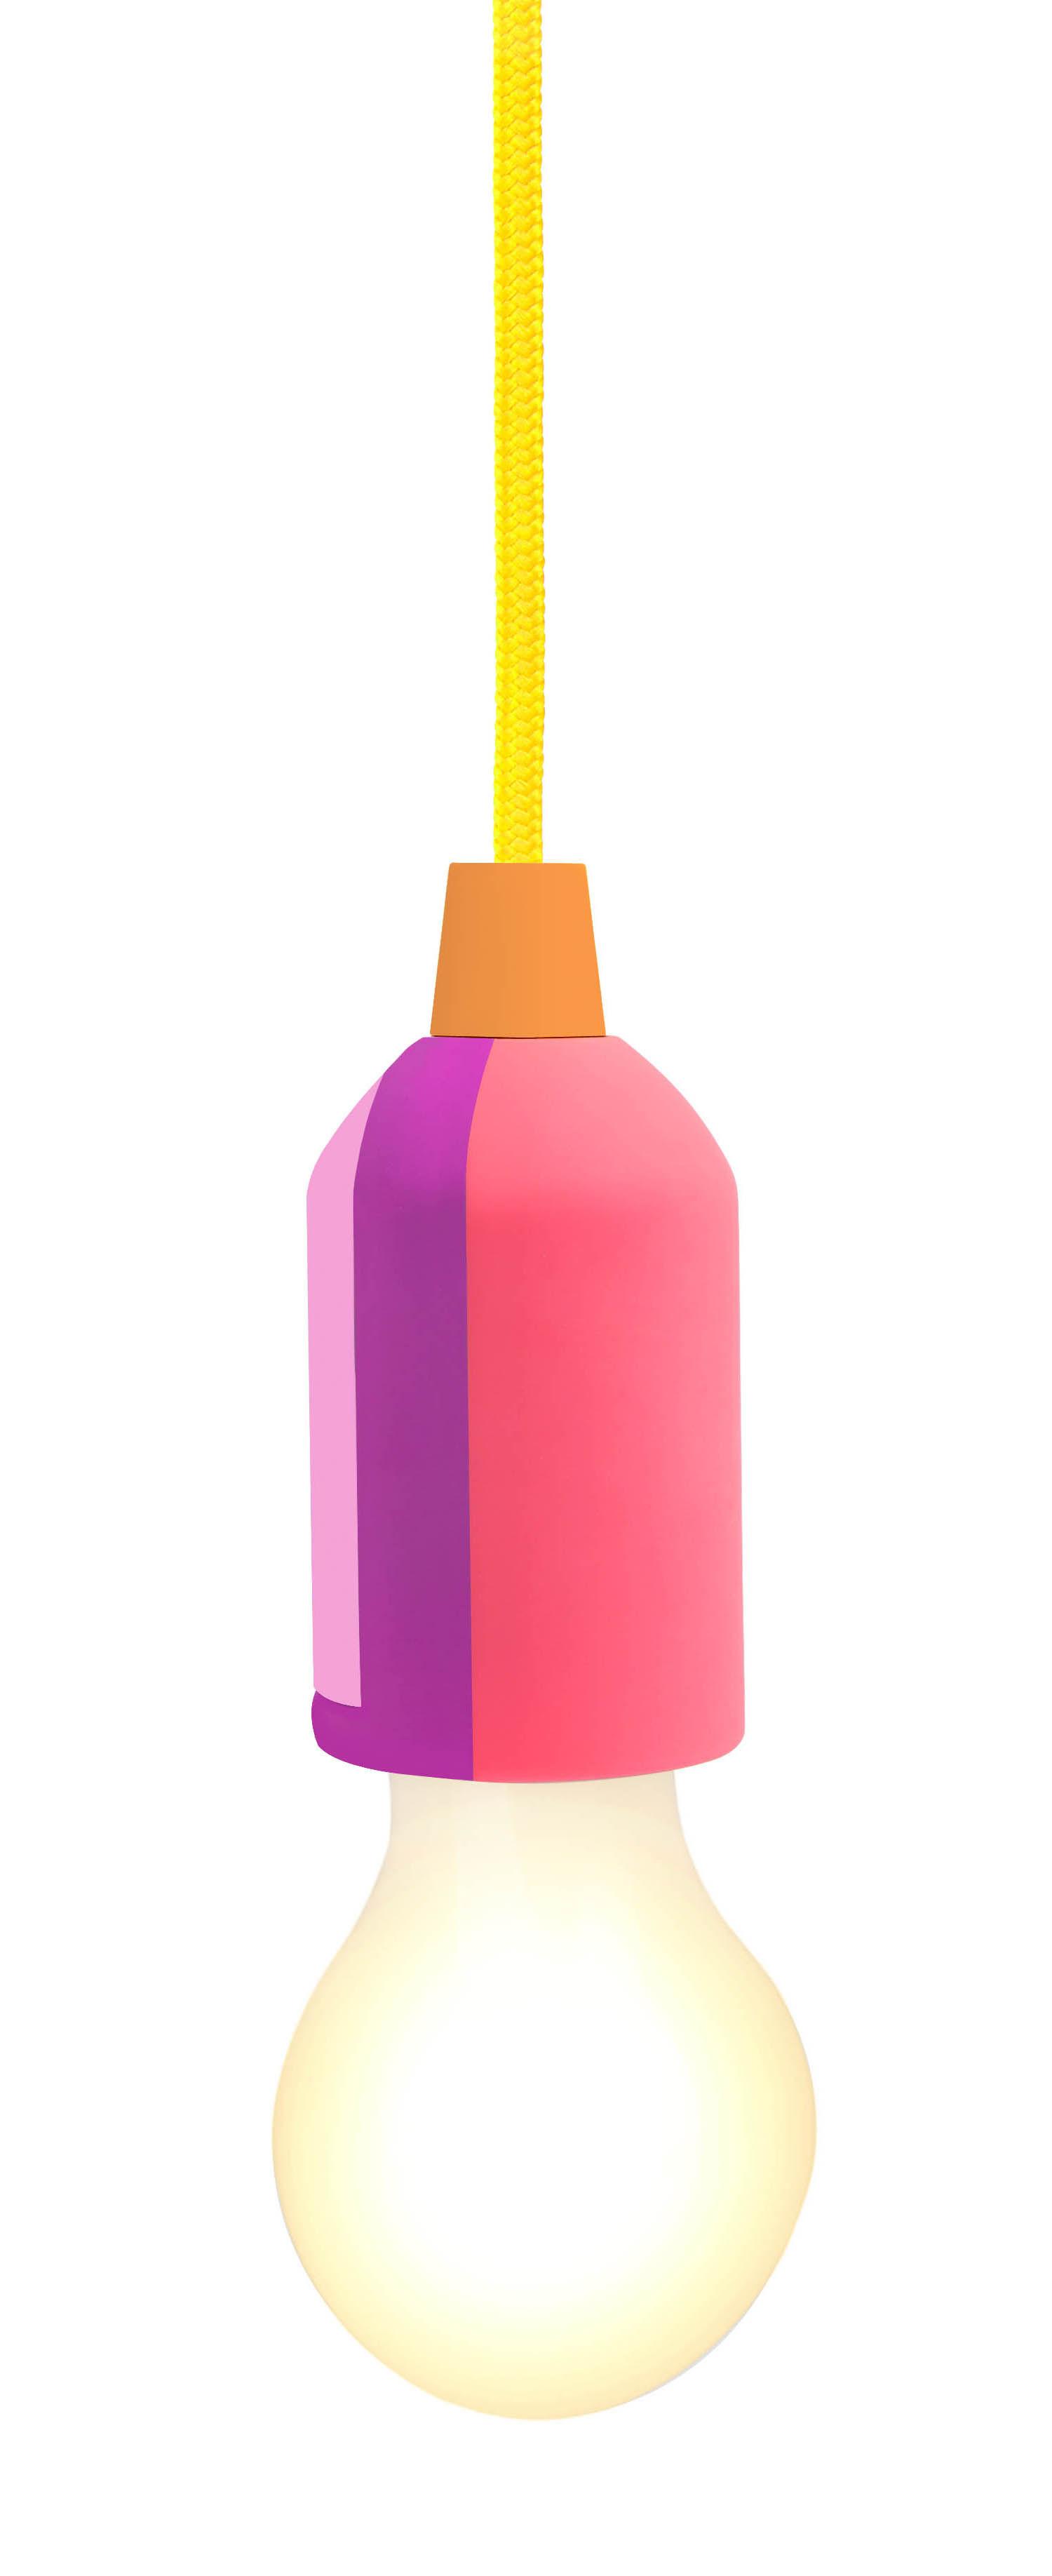 Déco - Pour les enfants - Lampe sans fil Pull Cord / LED - Câble tissu à suspendre - Sunnylife - Arc en ciel / Rose & violet -  Plastique opalin, ABS, Tissu